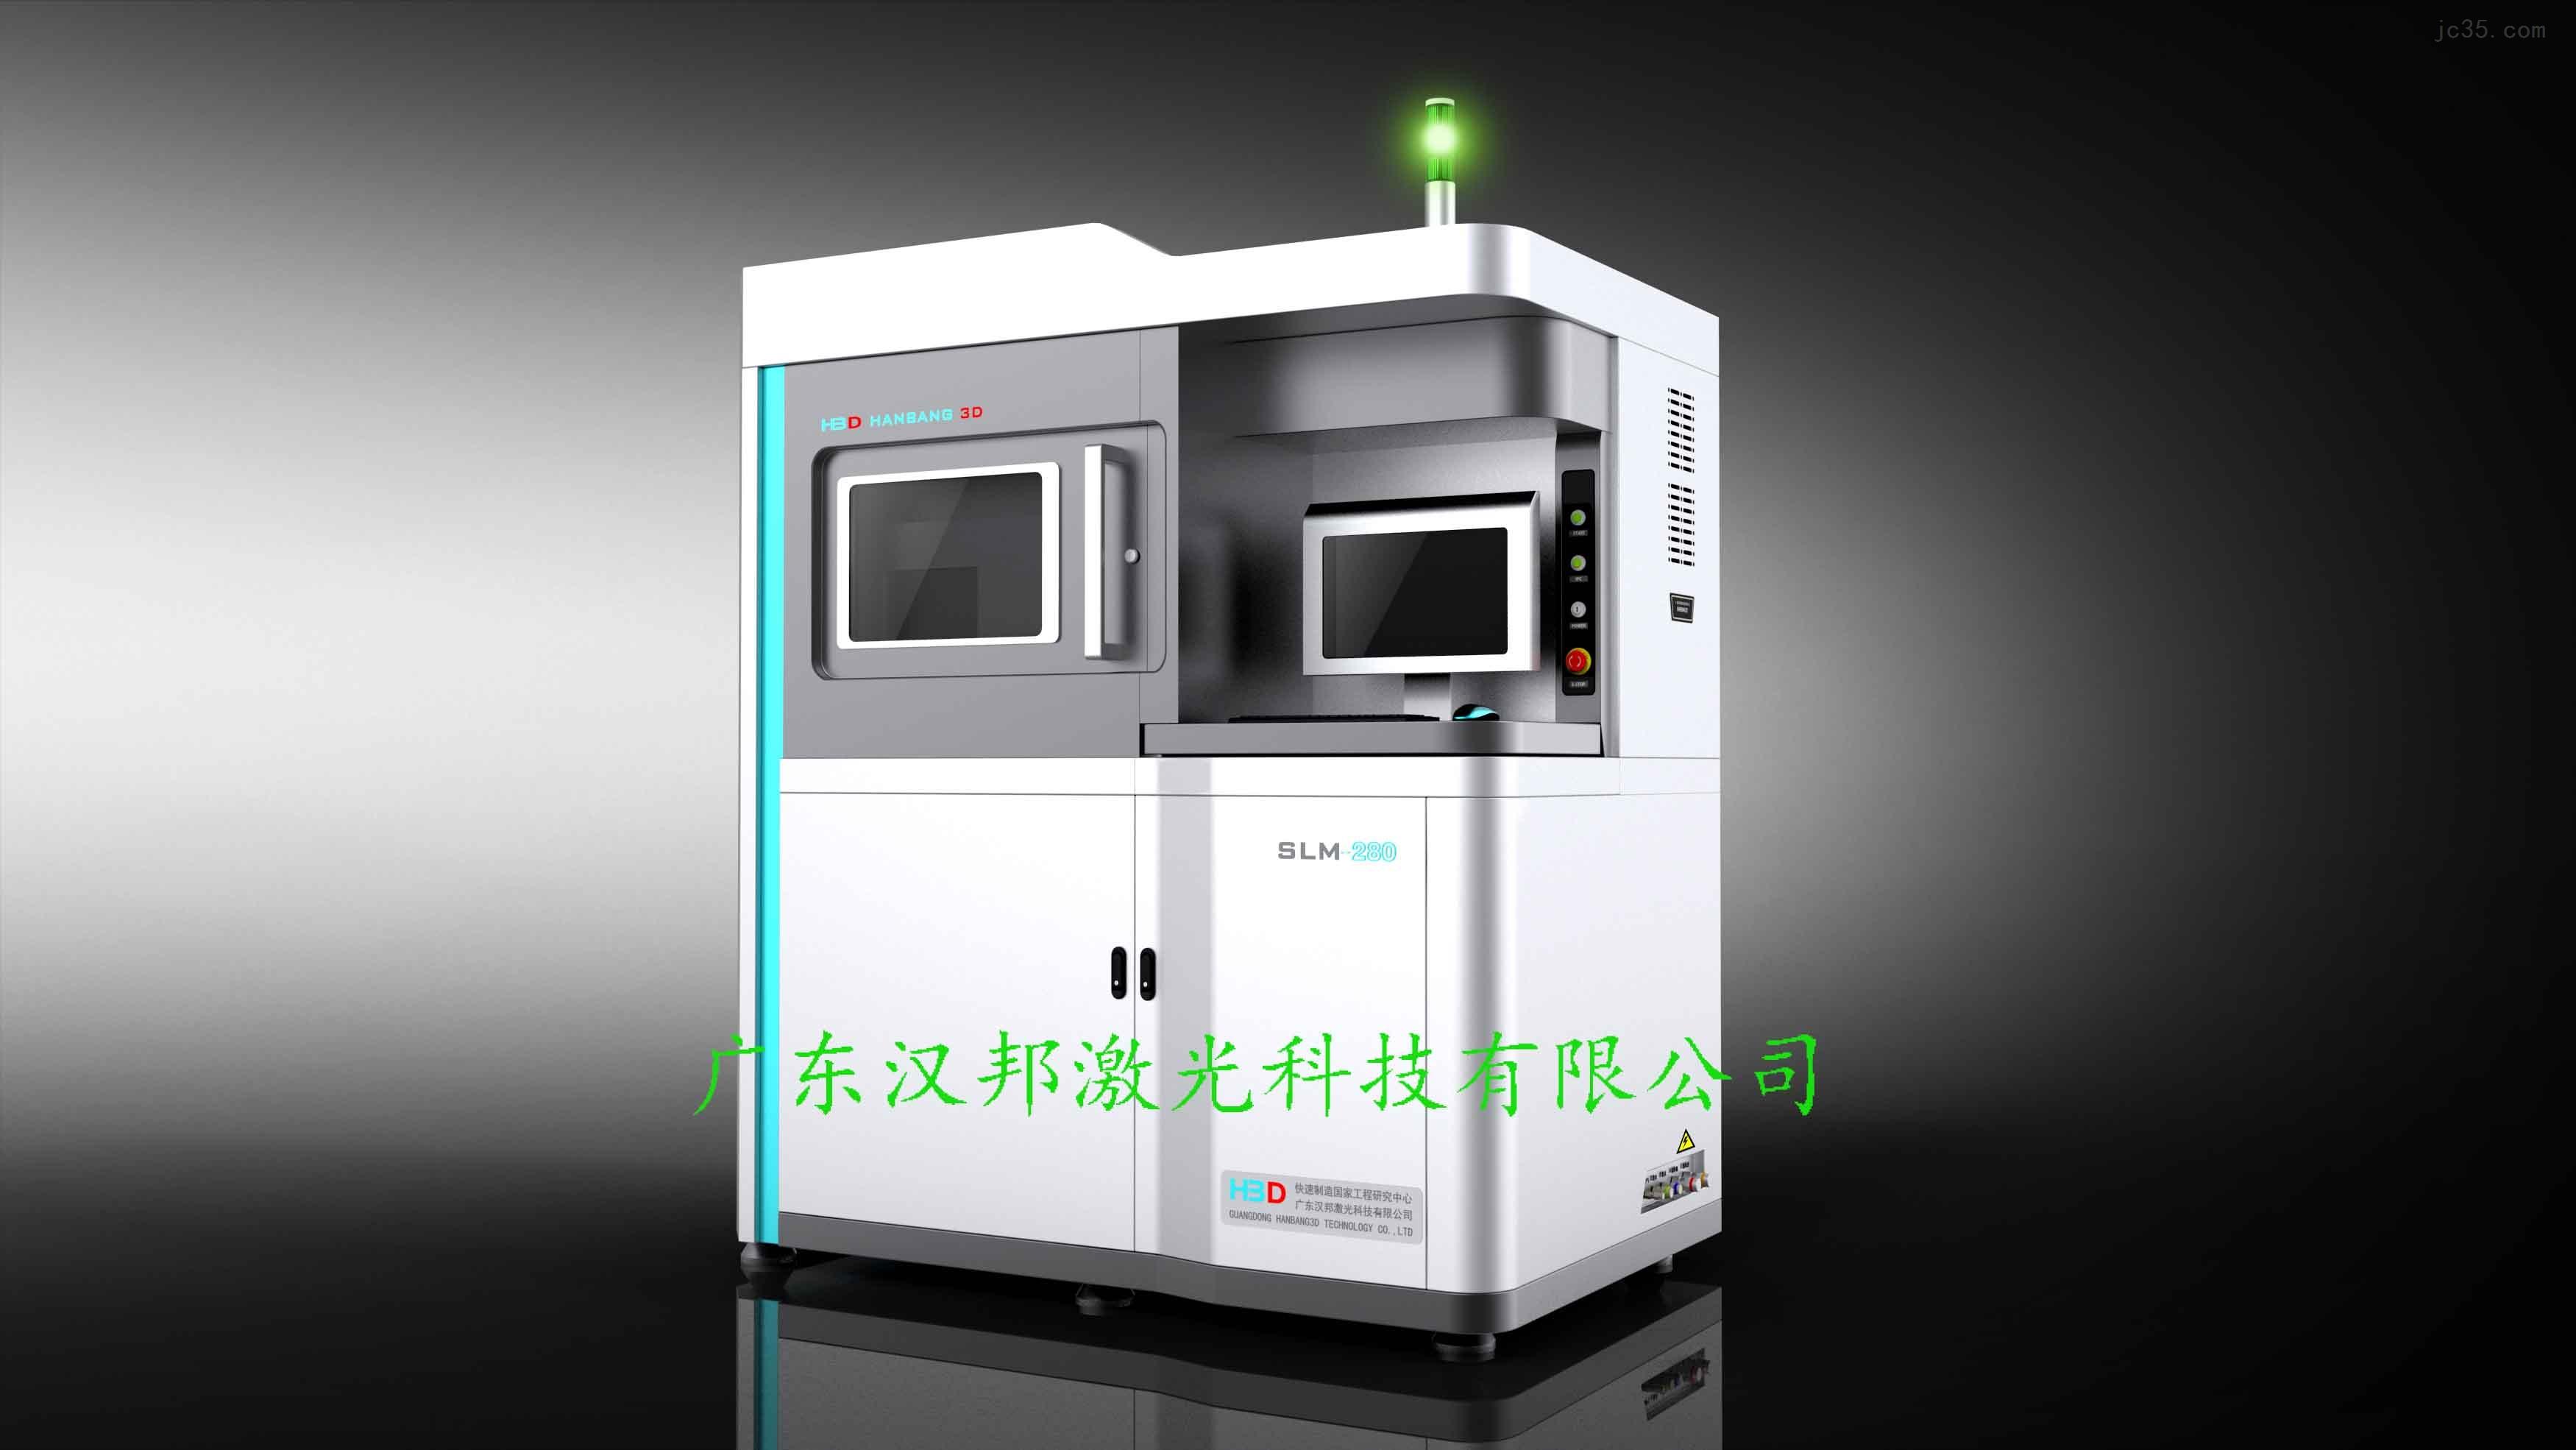 骨科金属3D打印机SLM-280